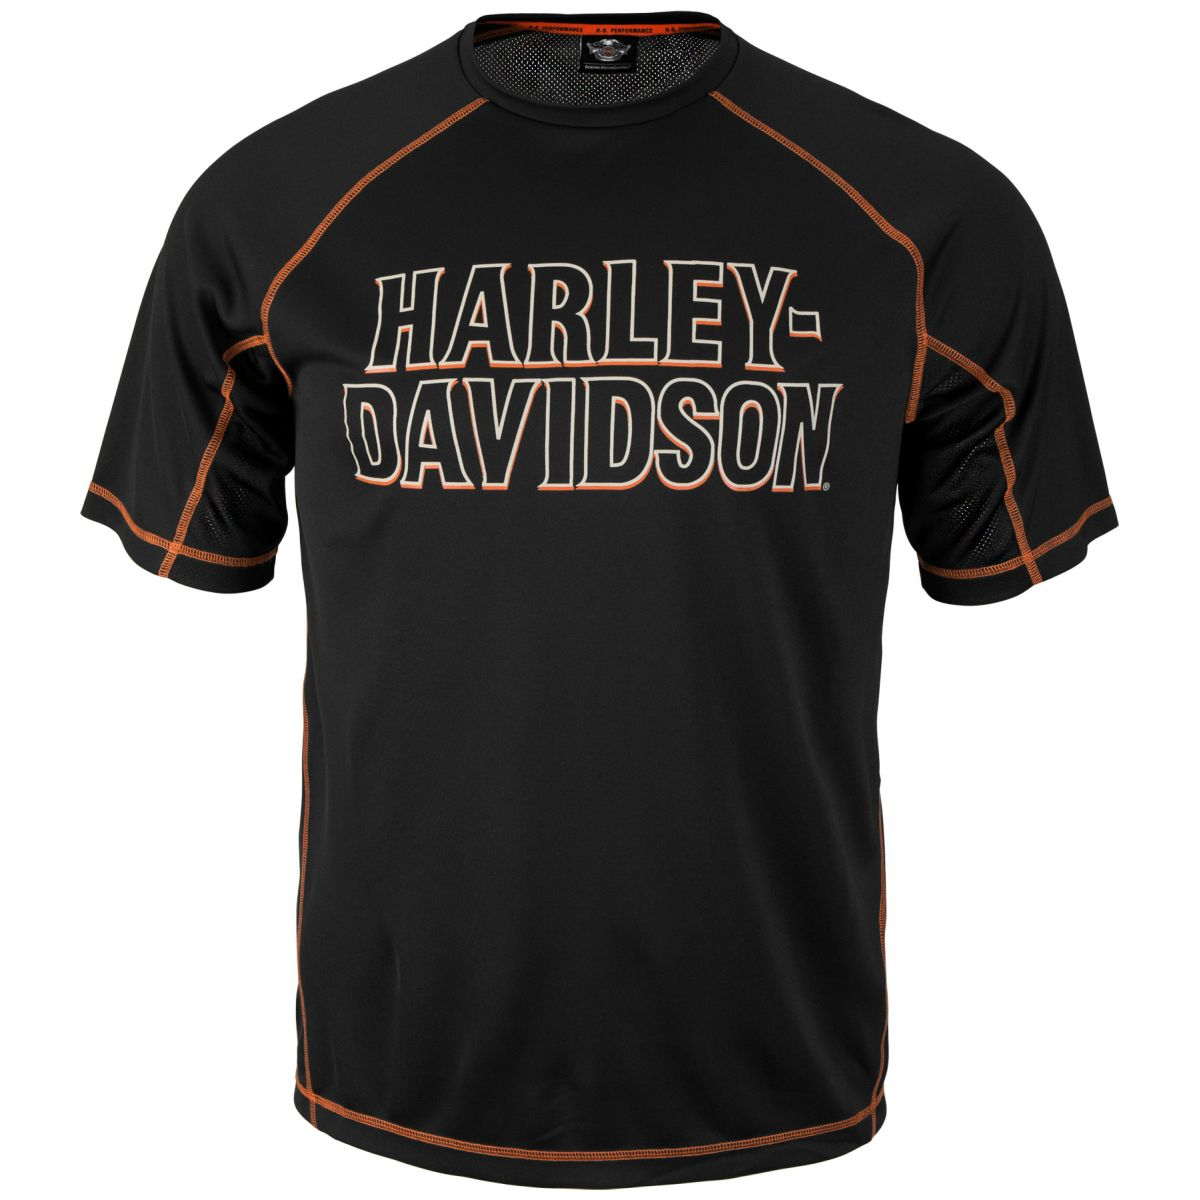 harley davidson t shirt vintage orn im thunderbike shop. Black Bedroom Furniture Sets. Home Design Ideas